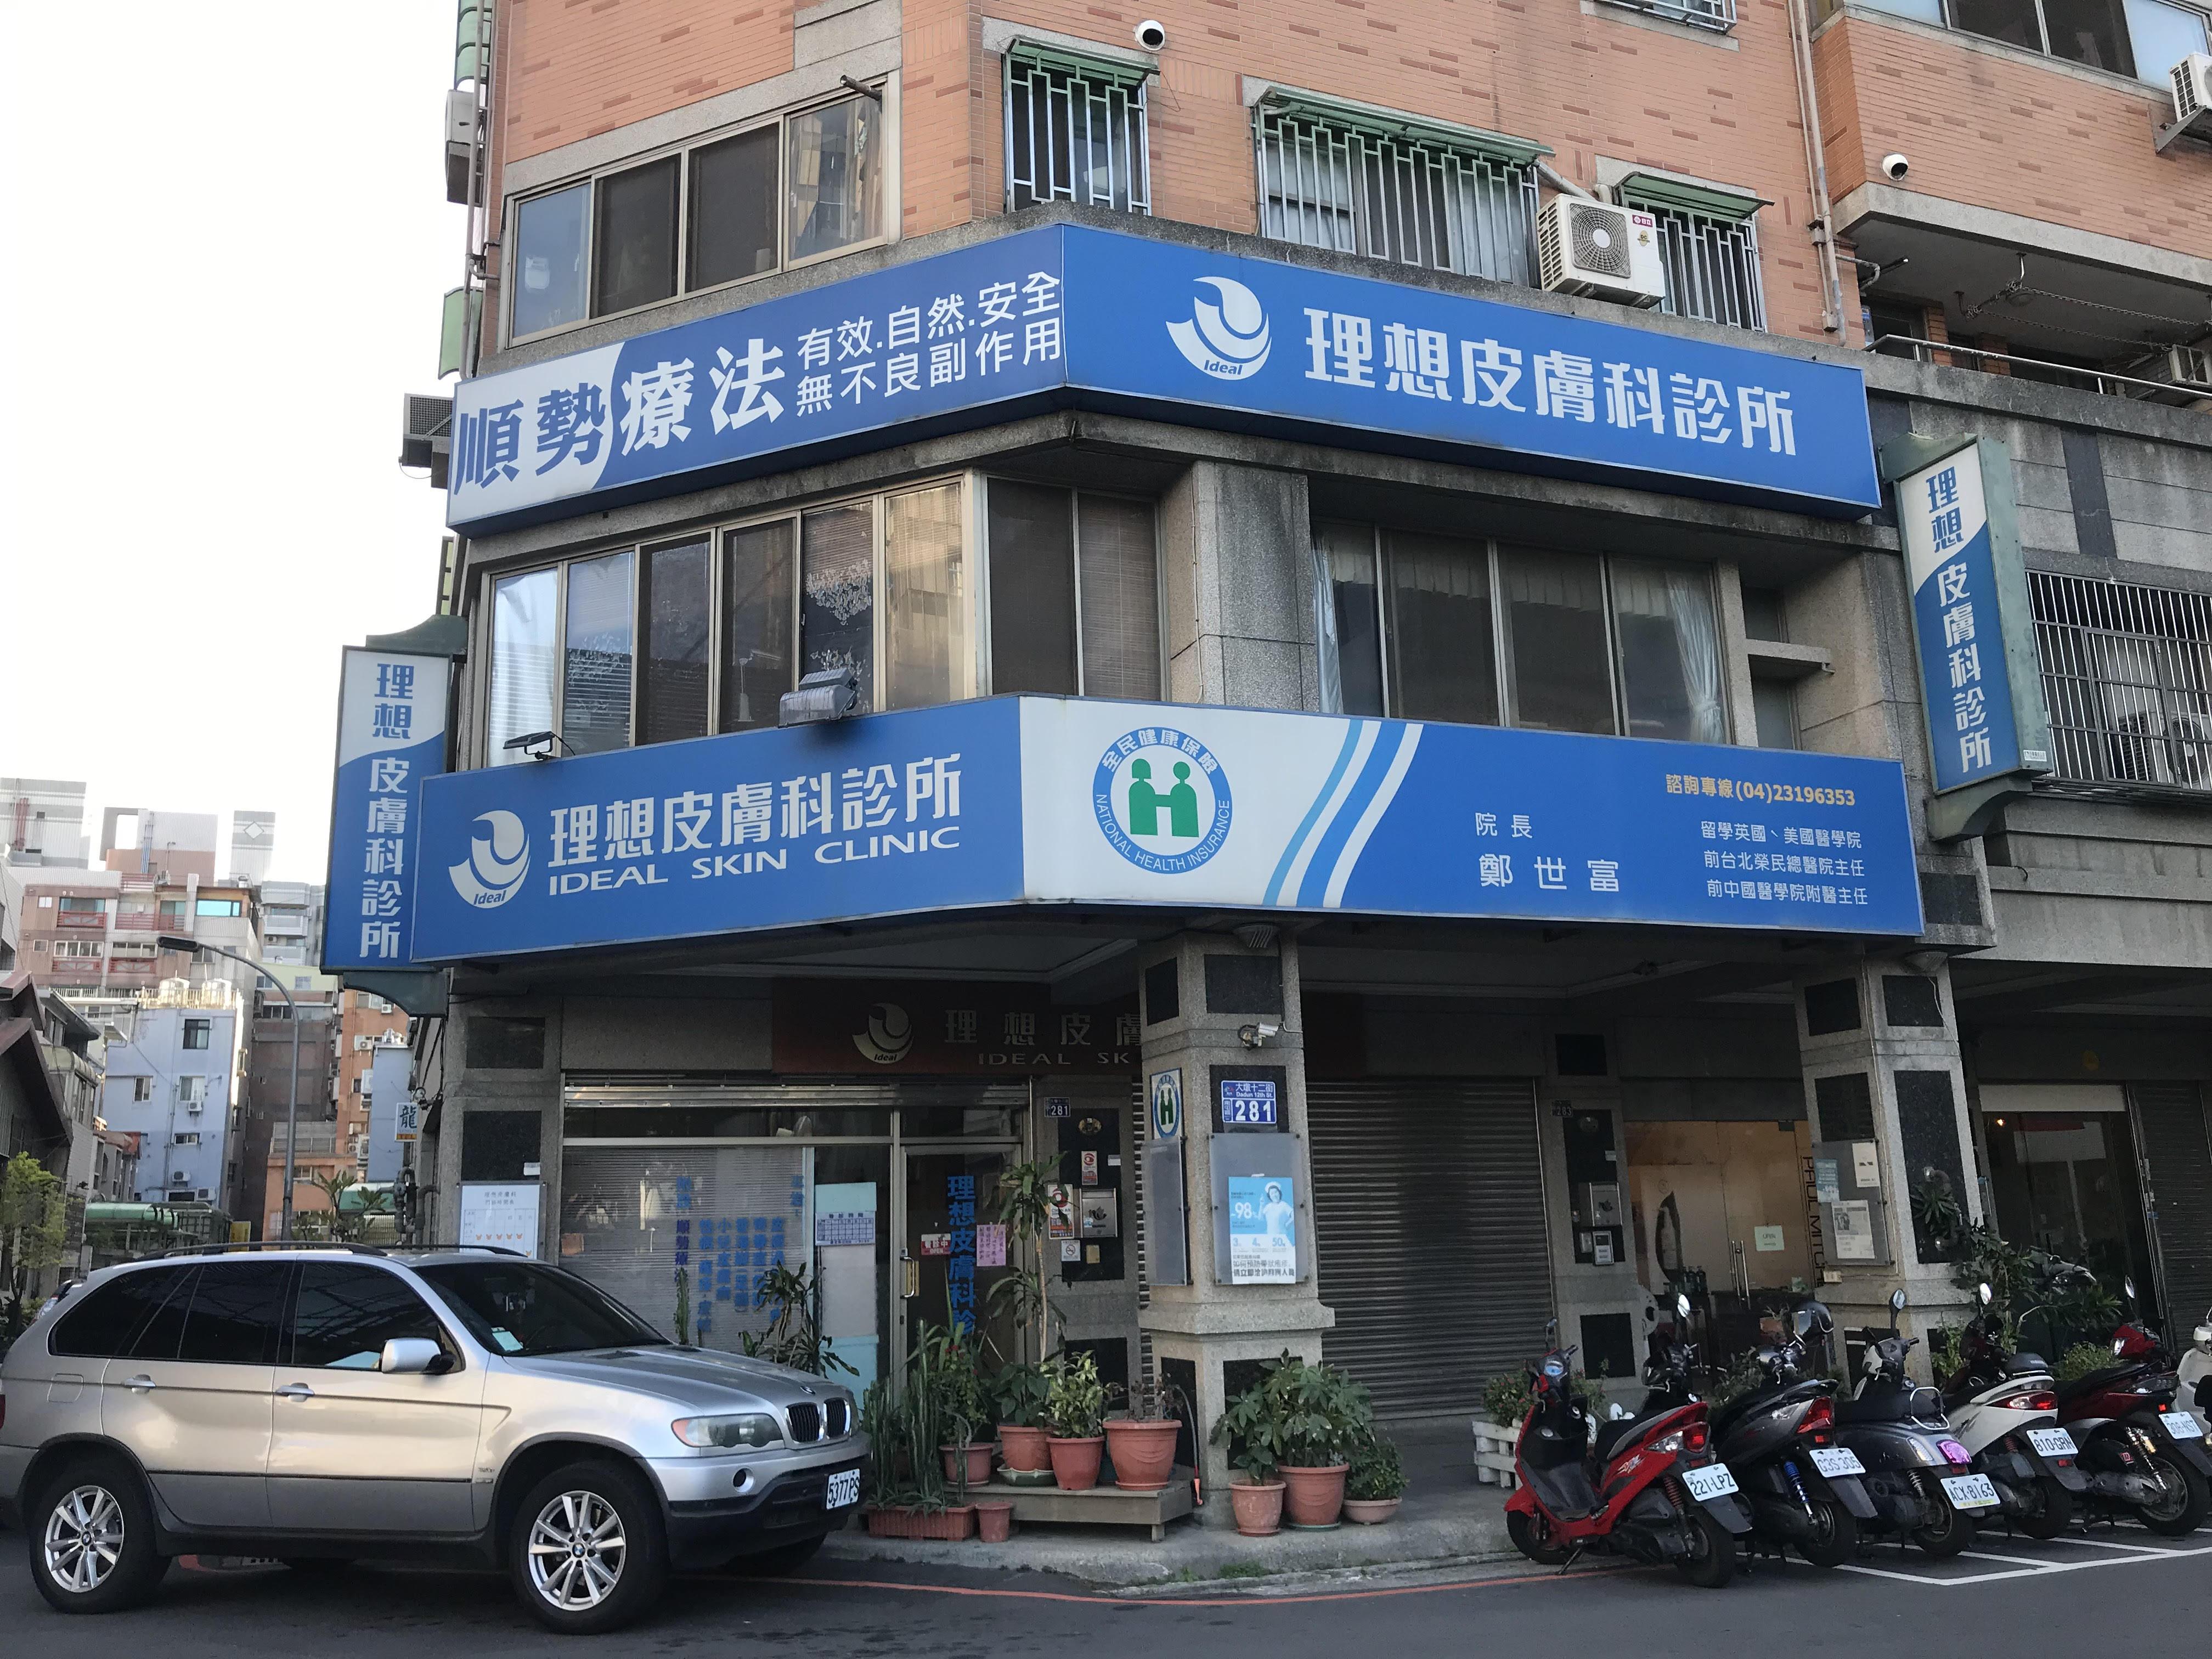 理想皮膚科診所